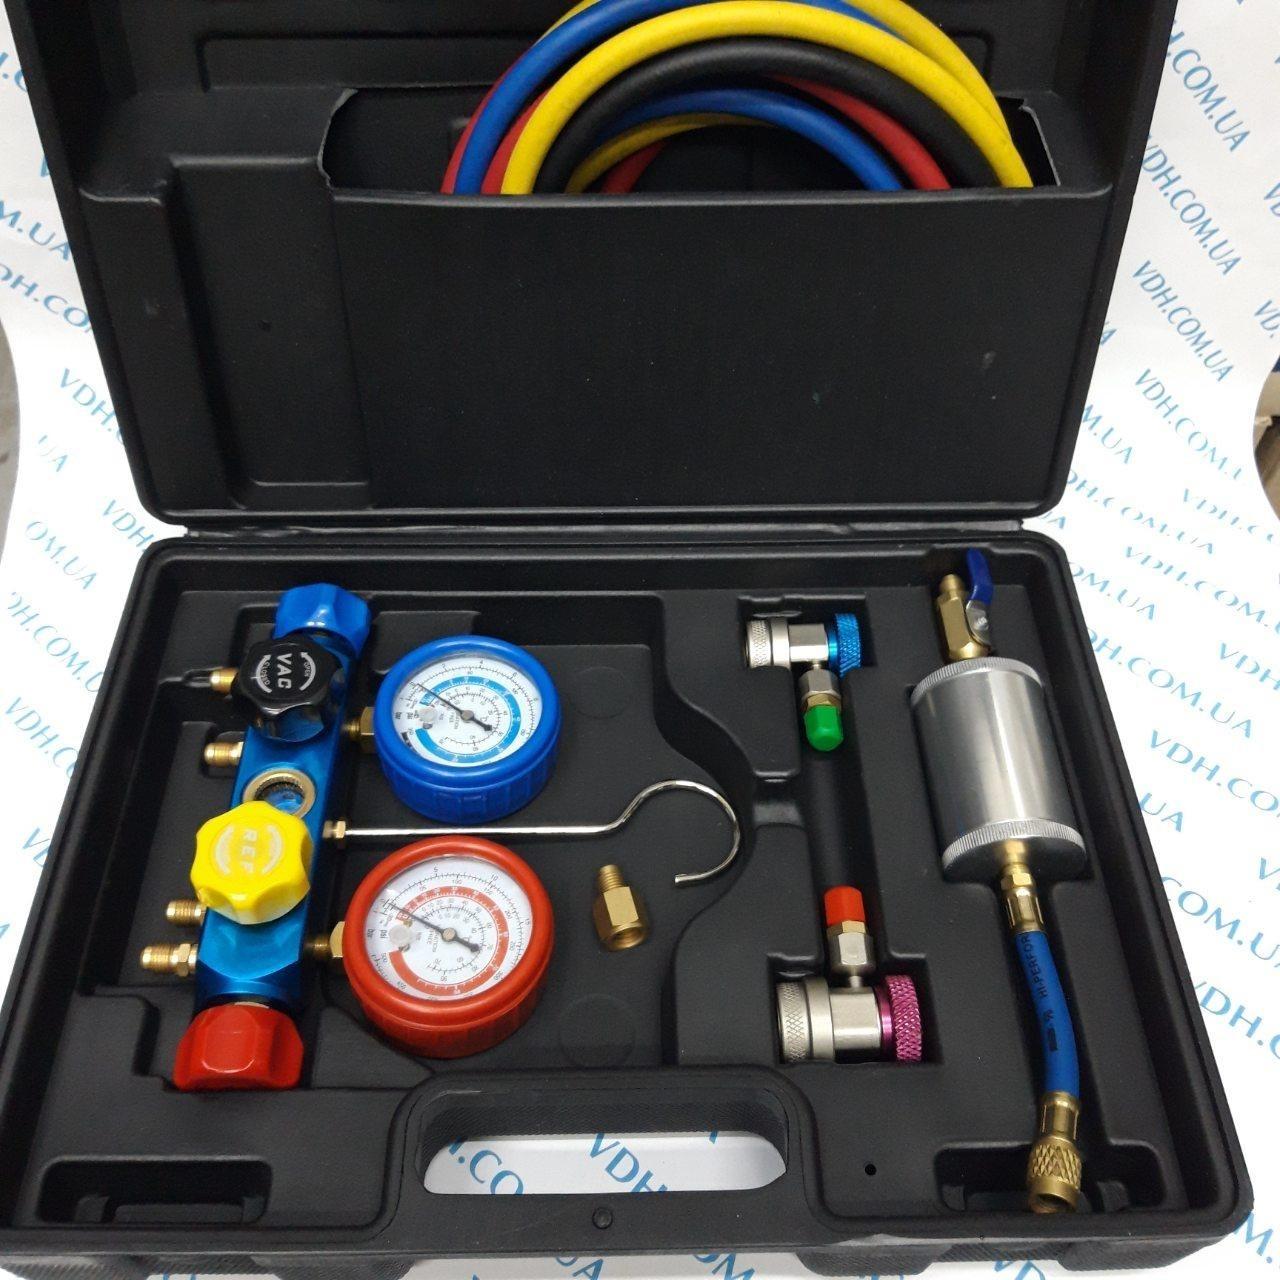 Манометрический коллектор 4х вентильный в наборе ( 4шланга, 2 автомуфты,краны 339 и 338, масл. инжектор) - фото 1